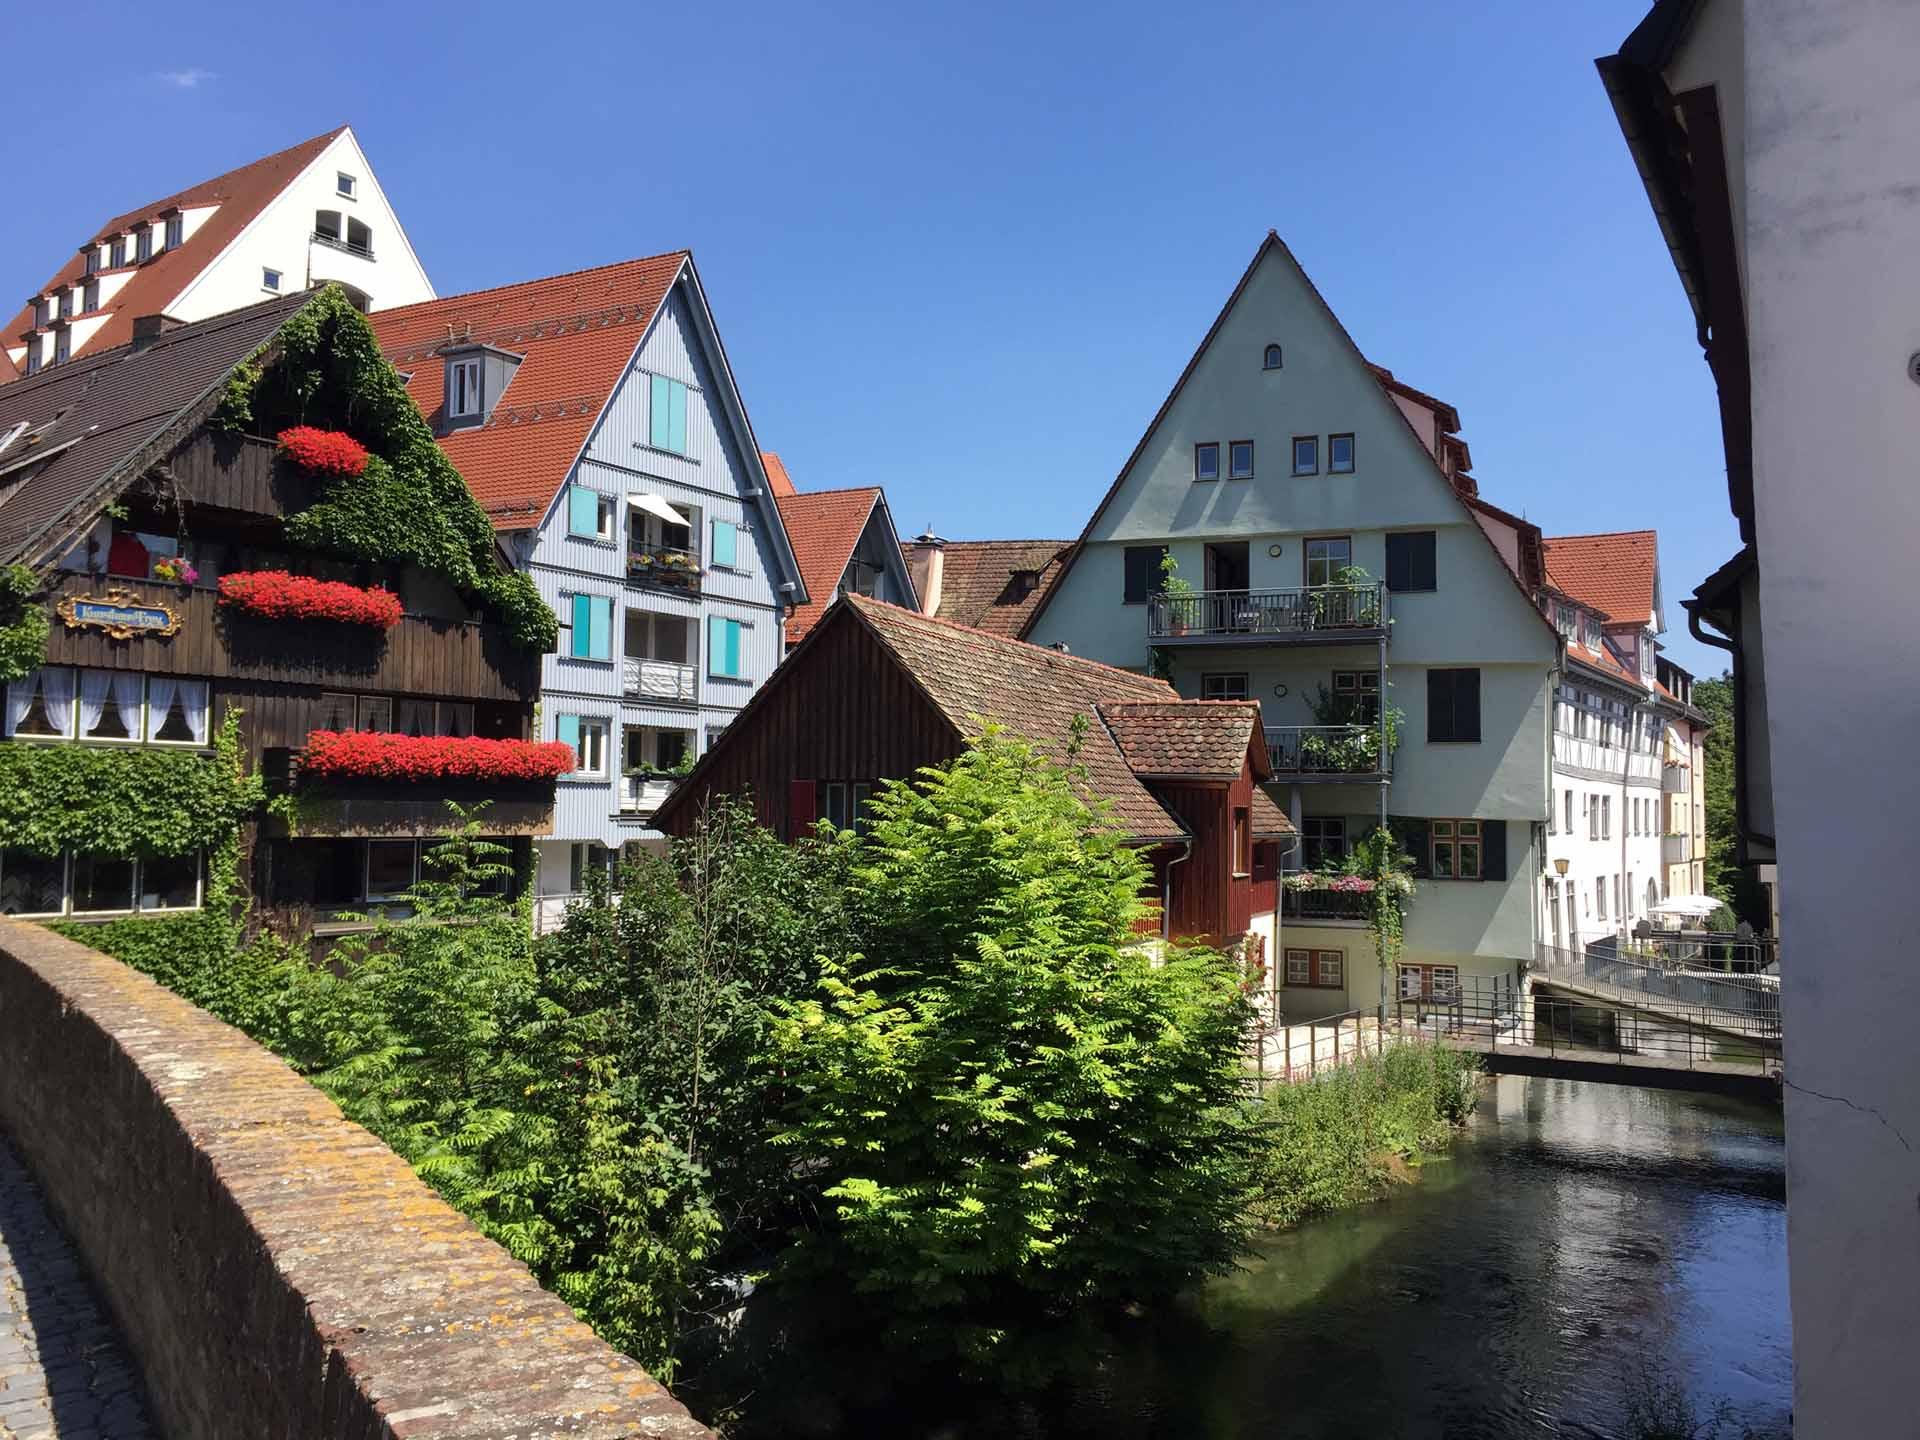 Fischerviertel in Ulm